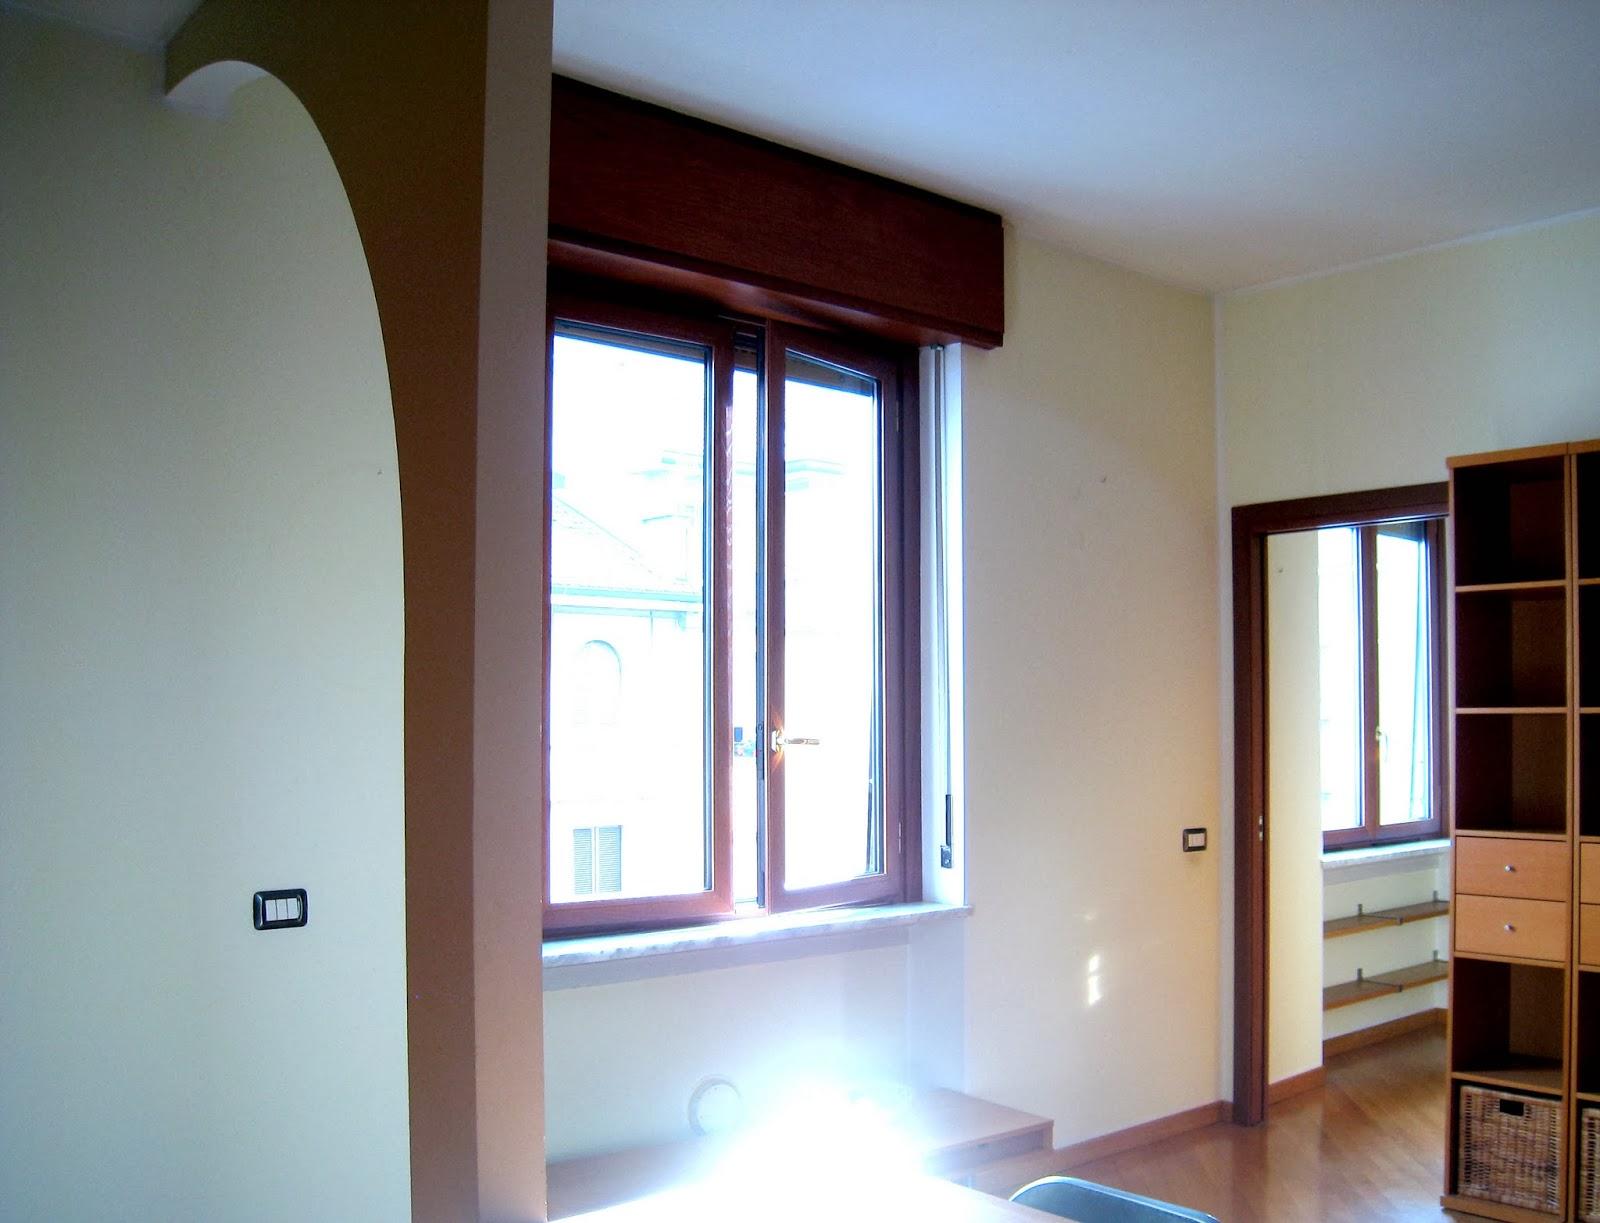 Illuminazione Corridoio Lungo E Stretto : Lacasapensata.info